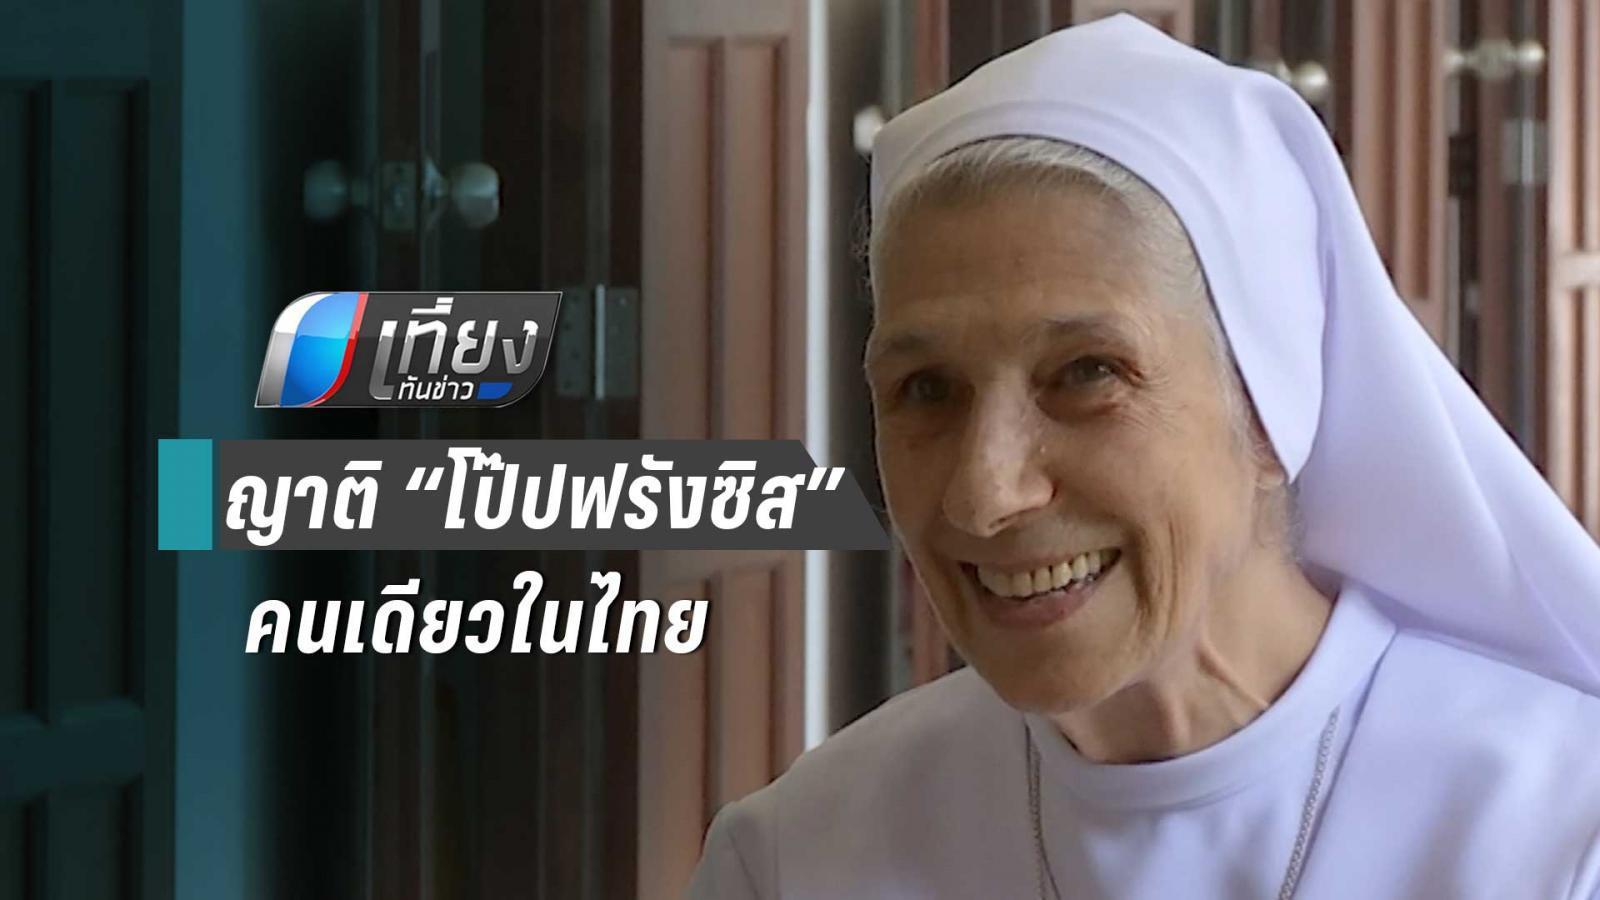 """เปิดใจ !! """"ซิสเตอร์อานา โรซา ซิโวรี"""" ญาติ """"โป๊ปฟรังซิส"""" คนเดียวในไทย"""